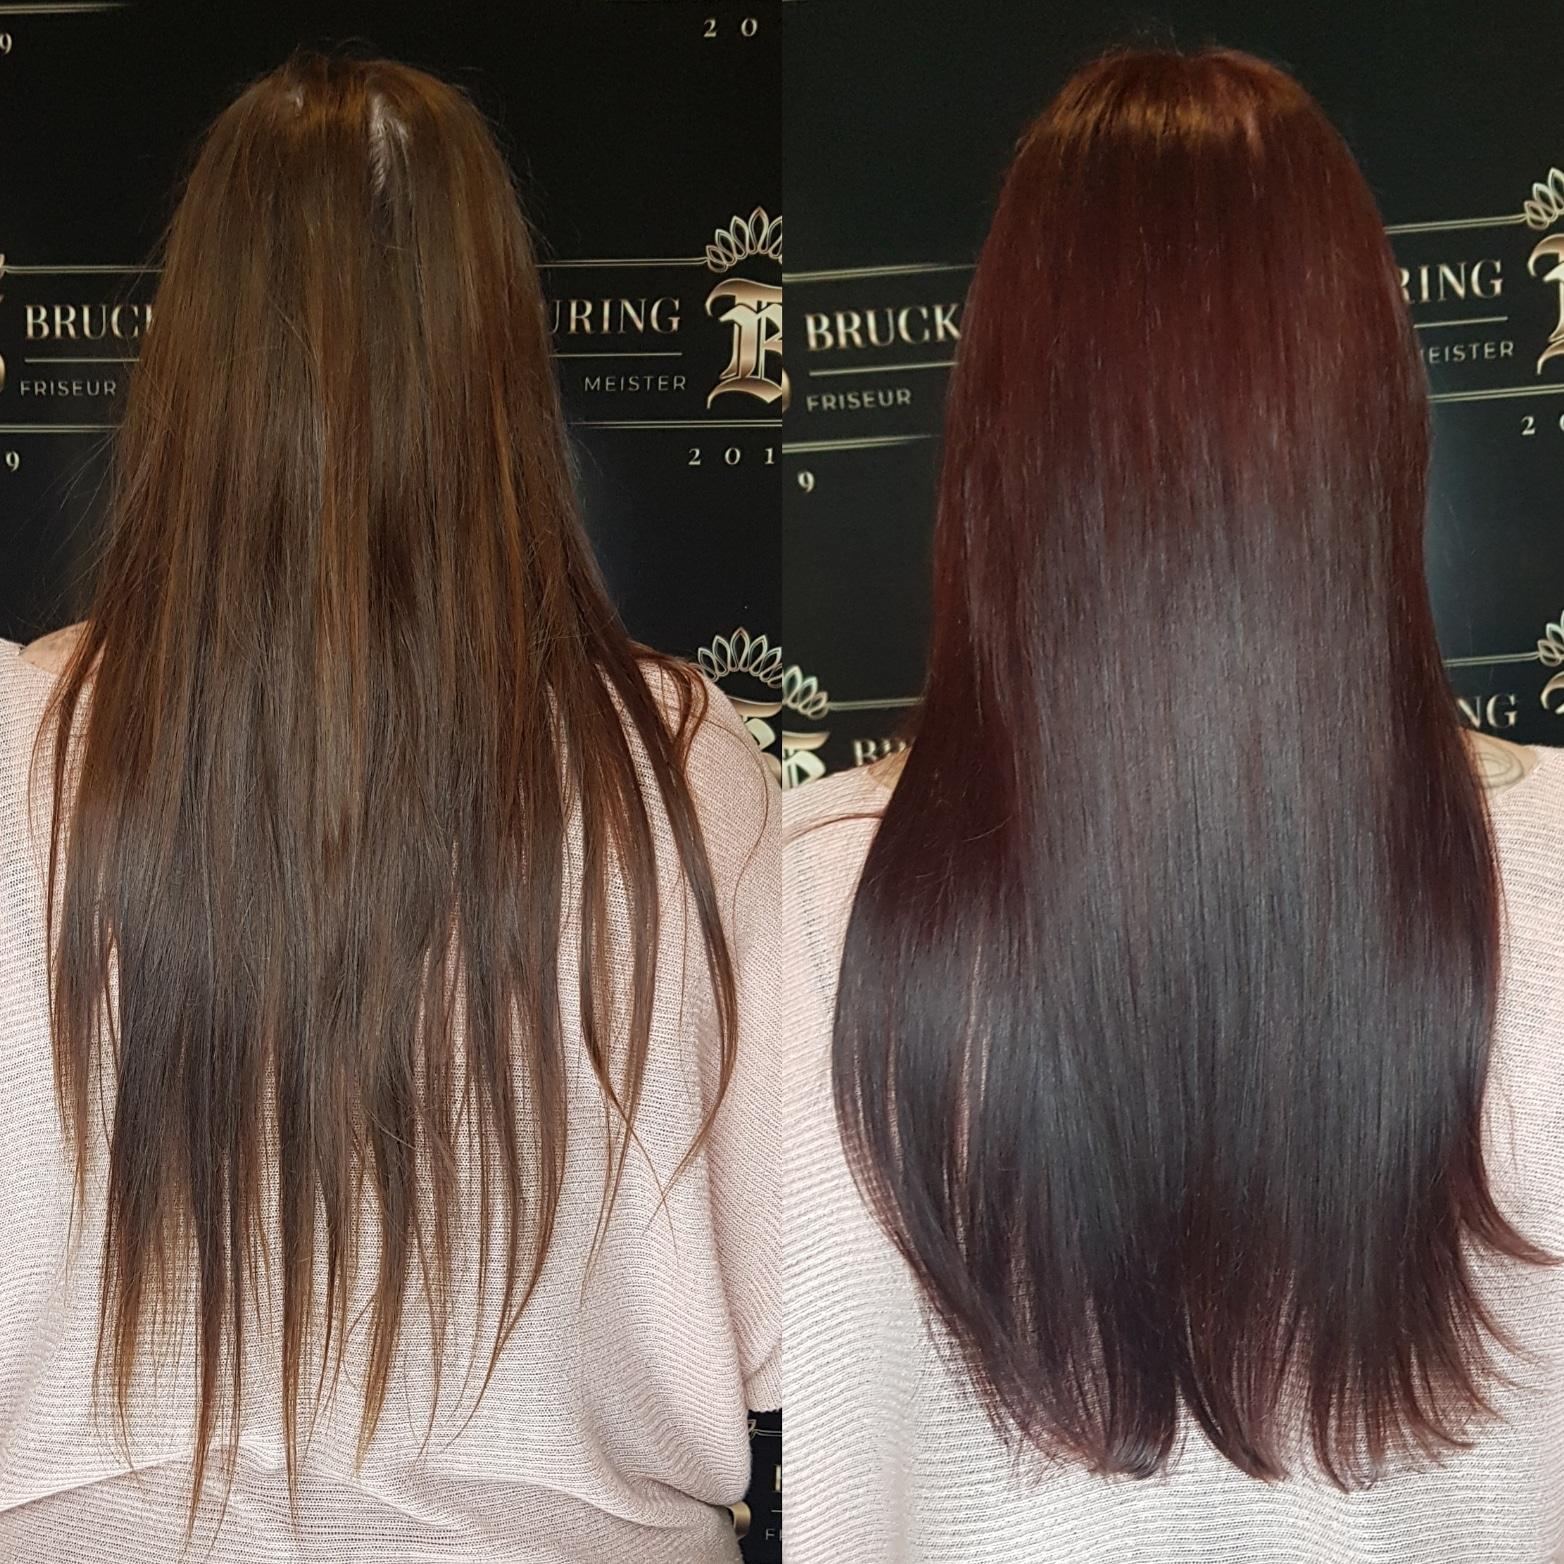 Langes glattes Haar